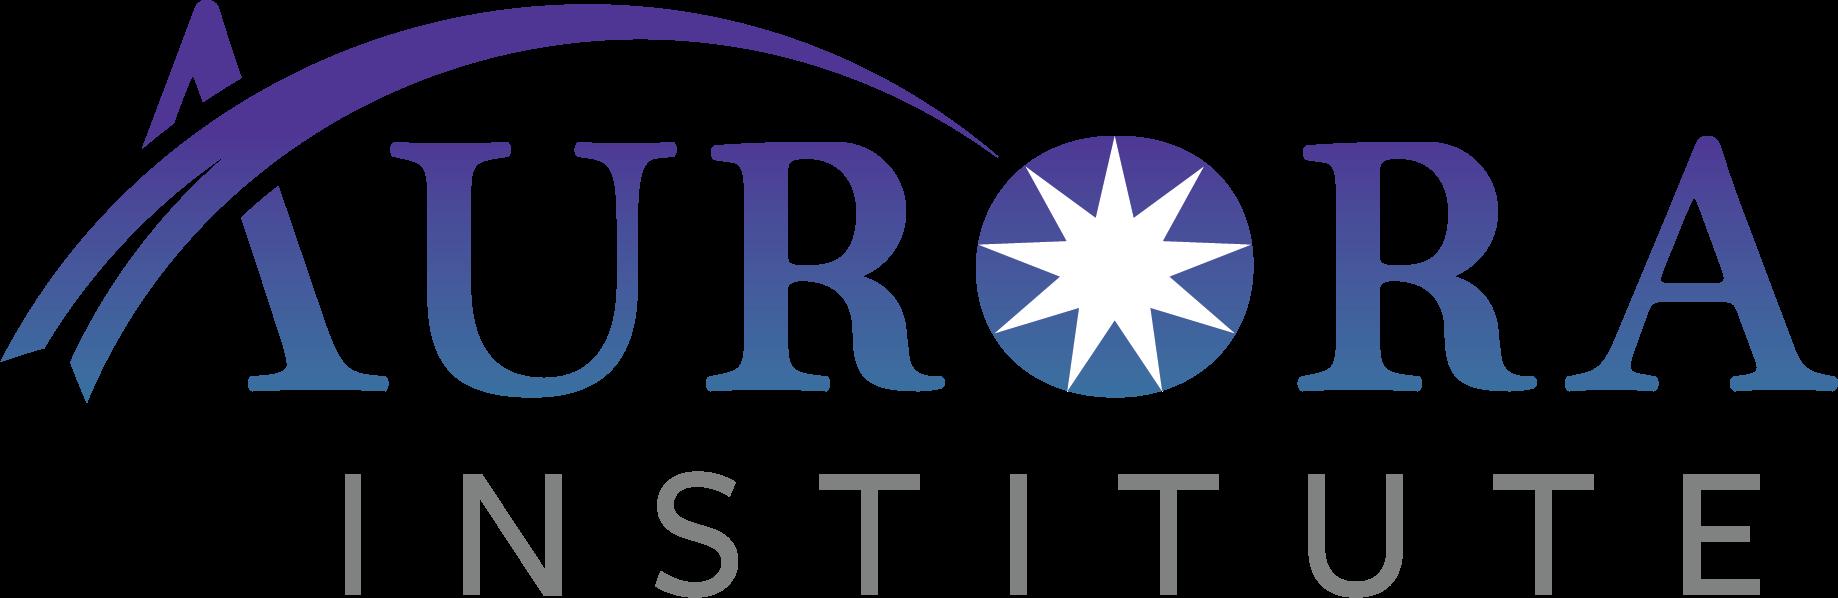 Aurora-Institute-Master-File-hi